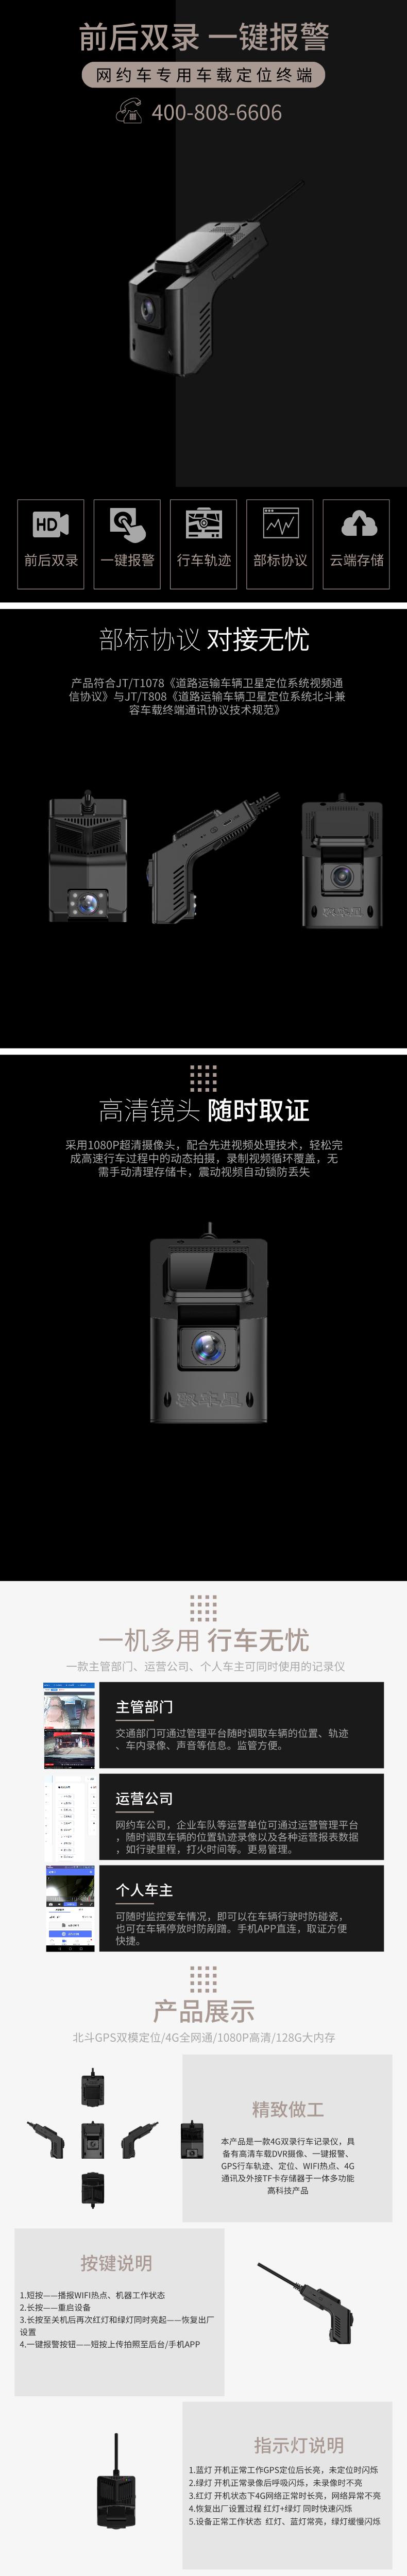 网约车北斗gps定位行驶记录仪